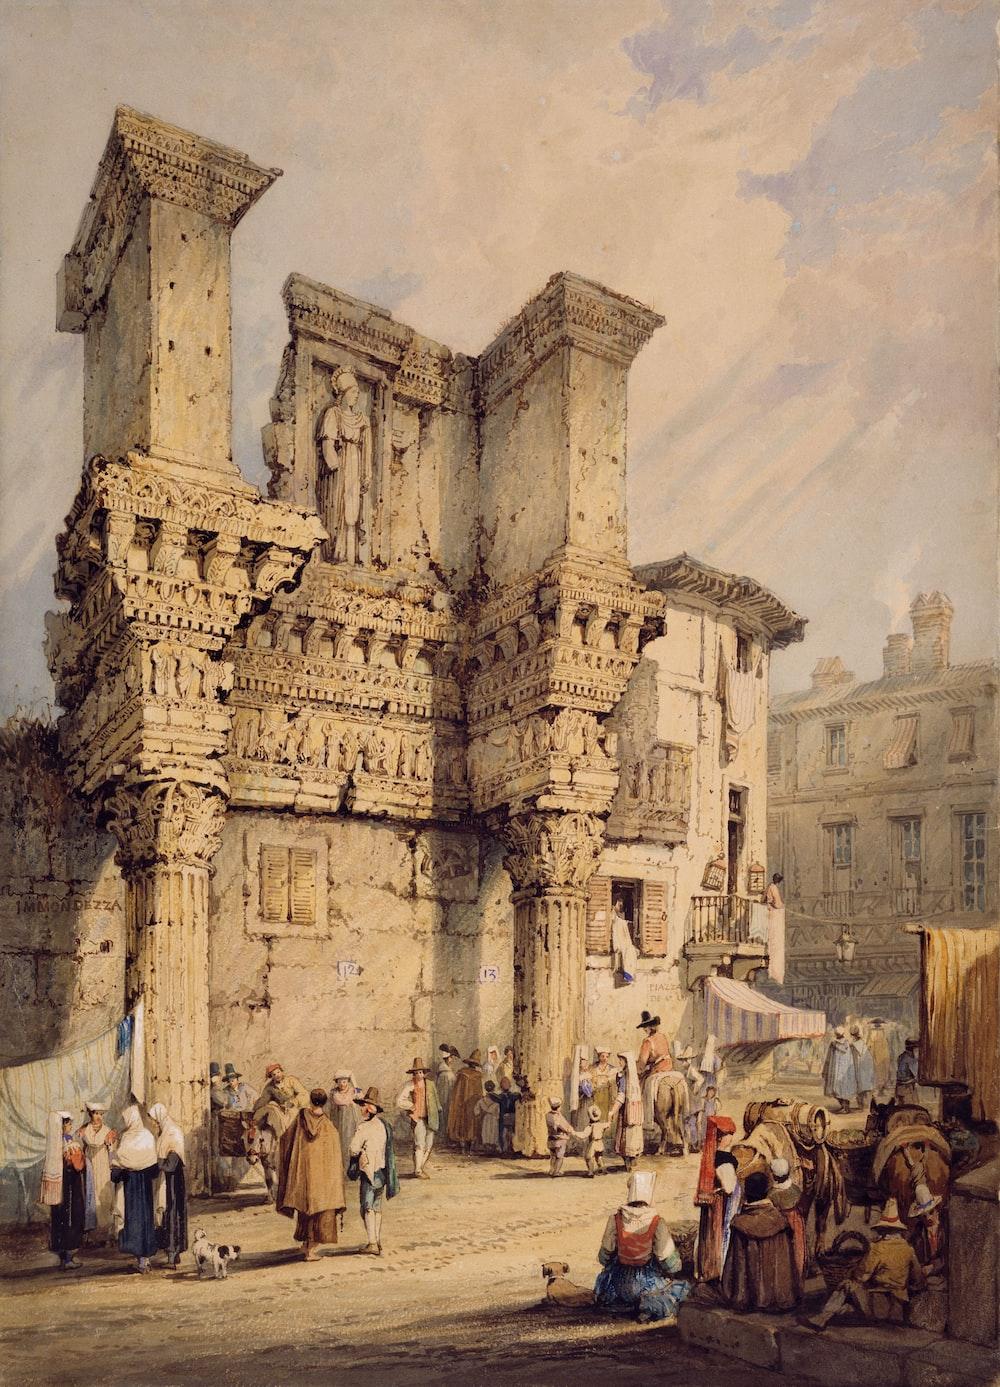 brown painting of people beside buildings